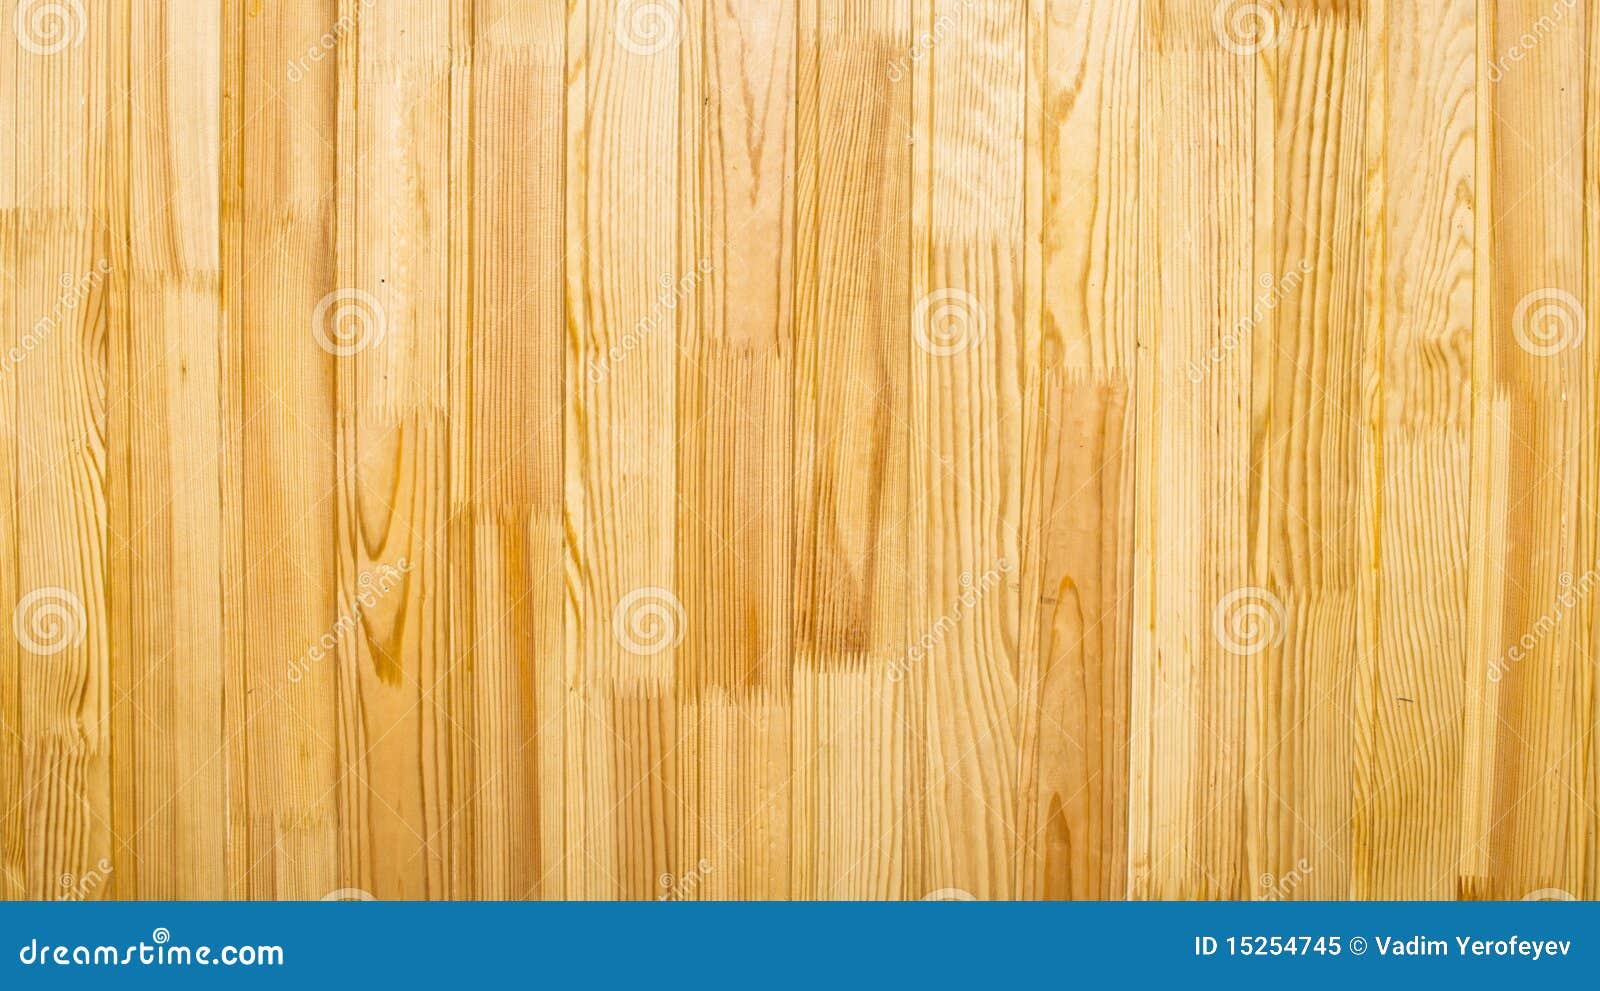 wood background royalty free - photo #12